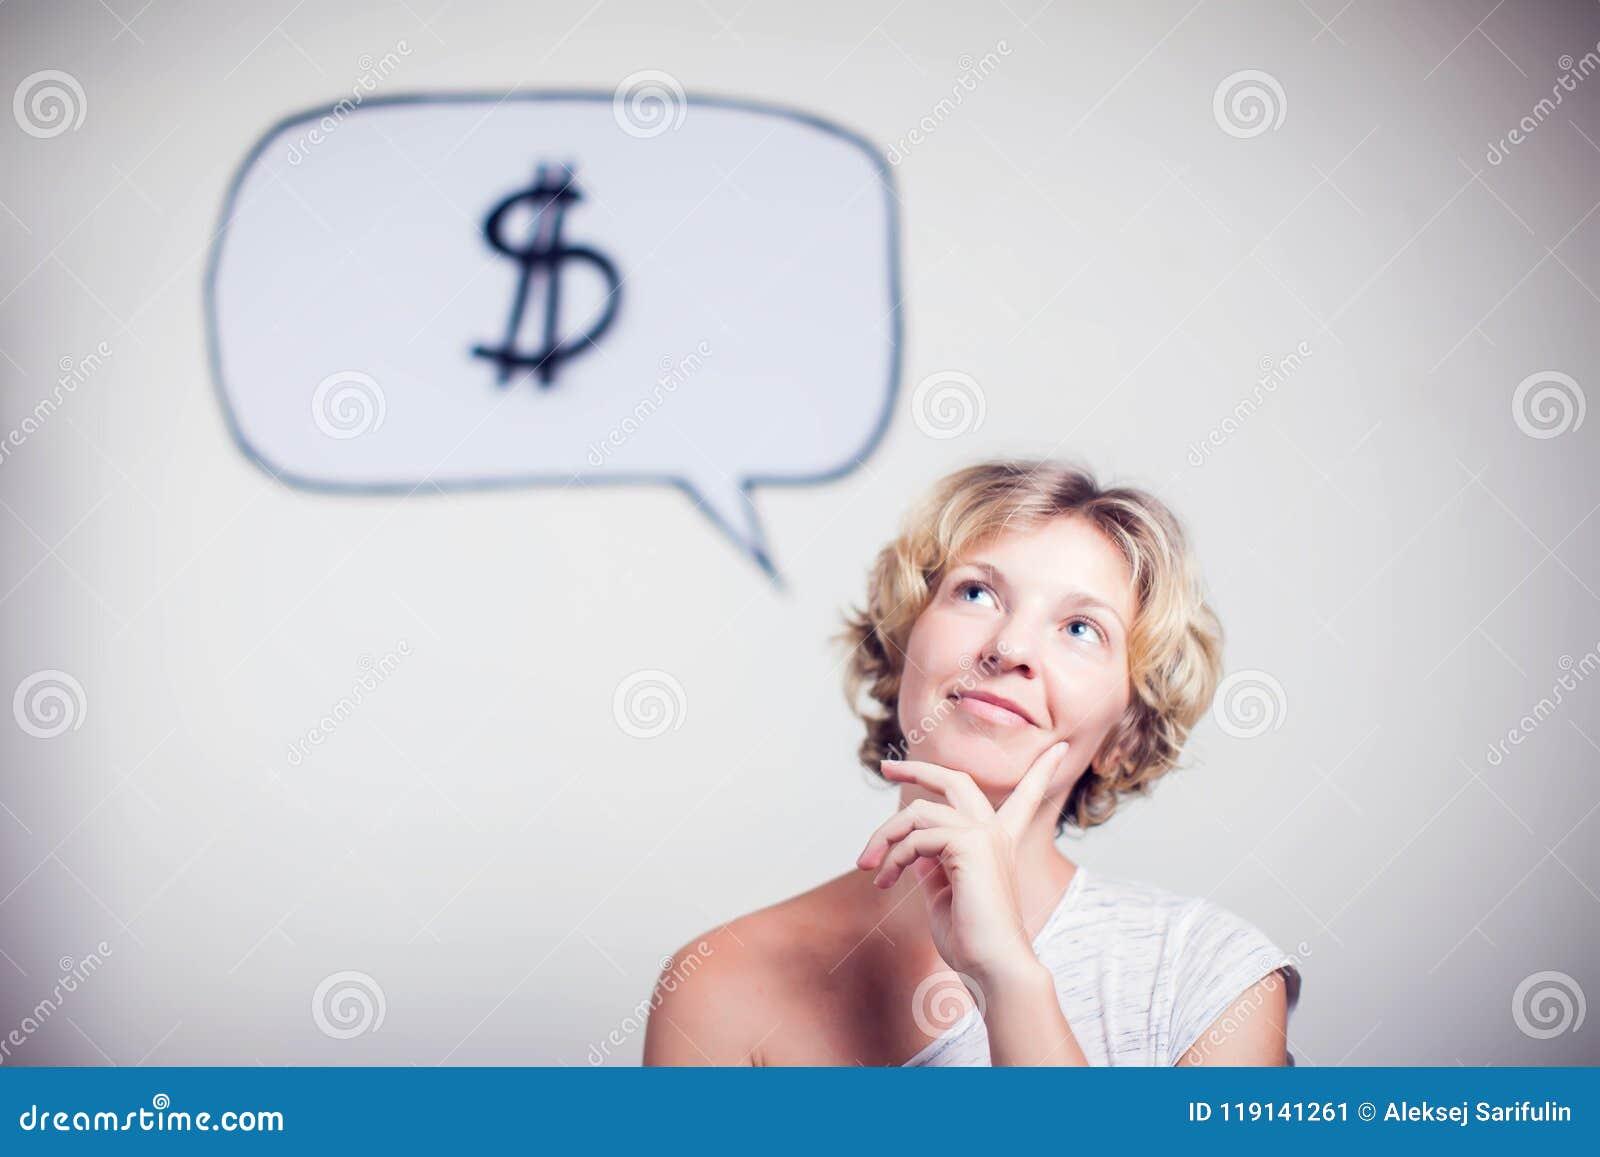 Портрет молодой женщины с знаком доллара пузыря речи